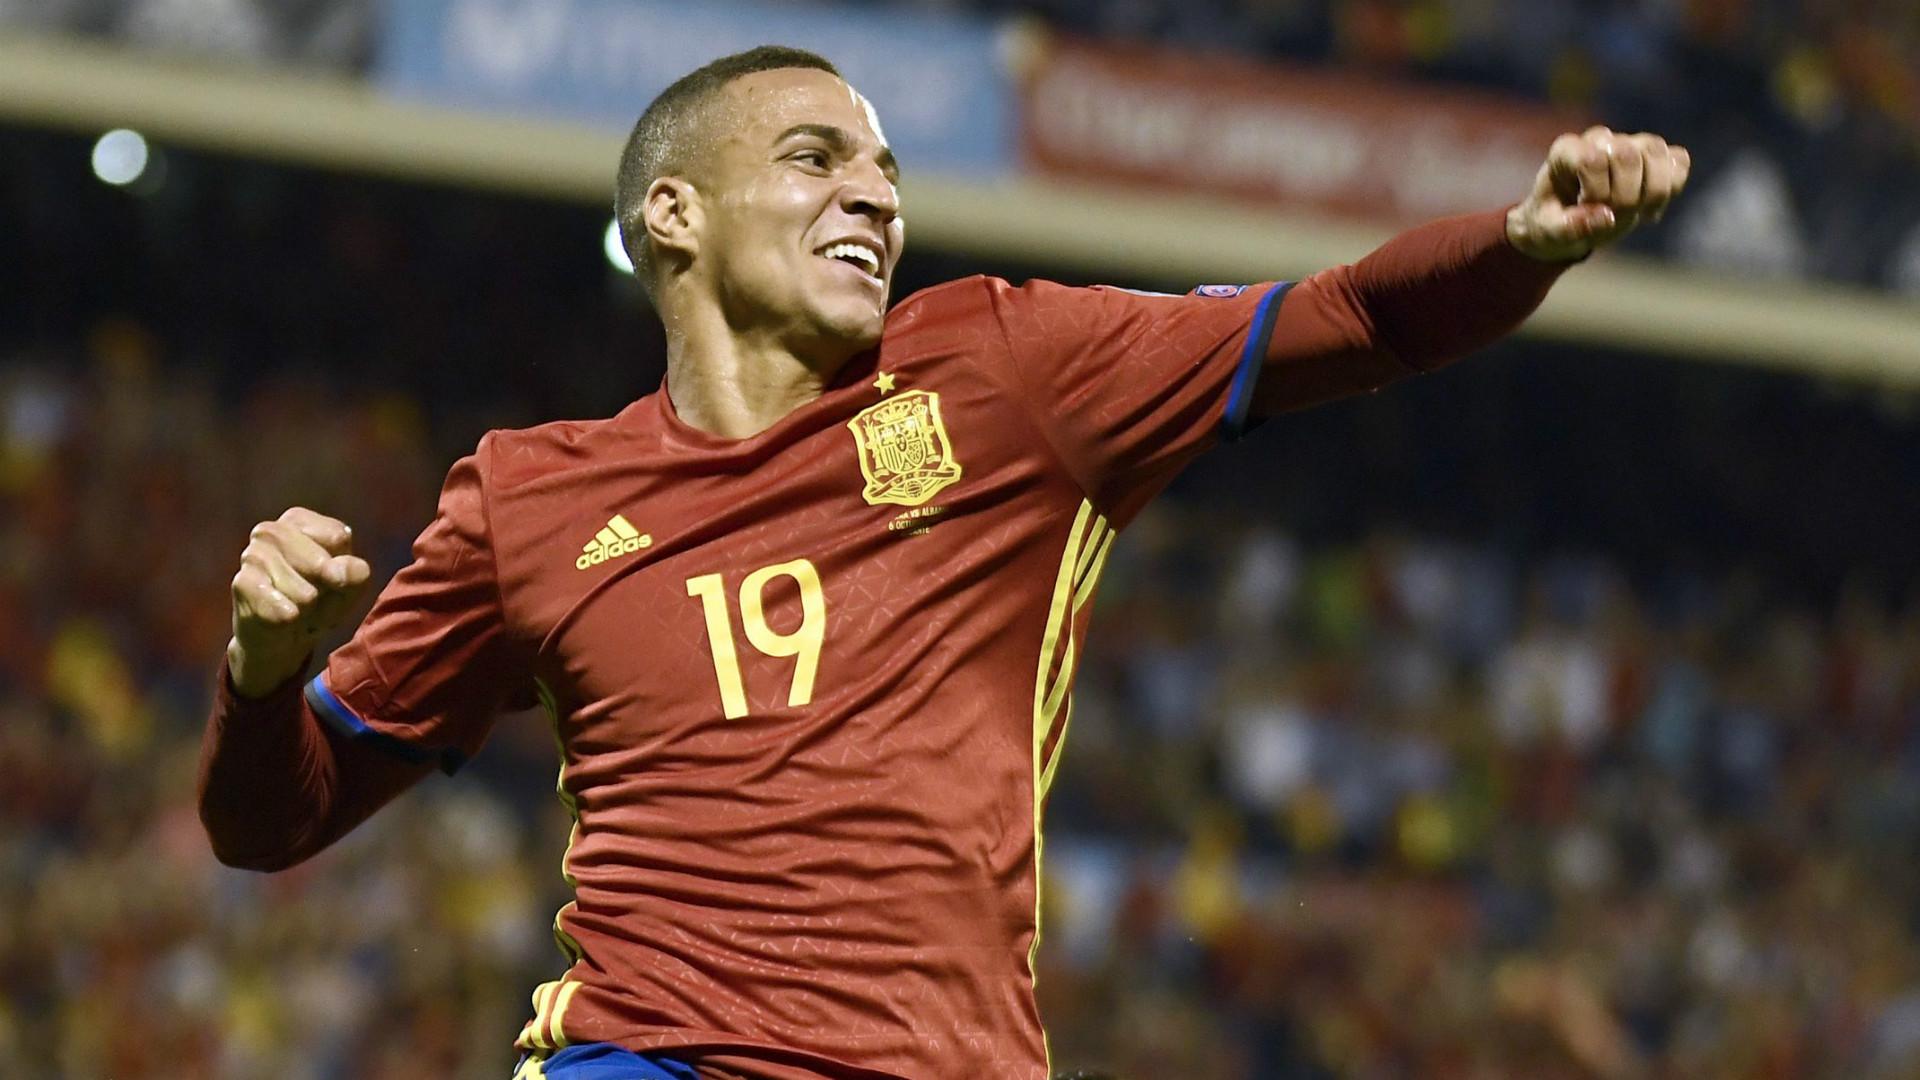 Португалия - Испания прогноз и ставка на матч футбол 📝 - каппер Владислав  Крупенин 7 октября 2020